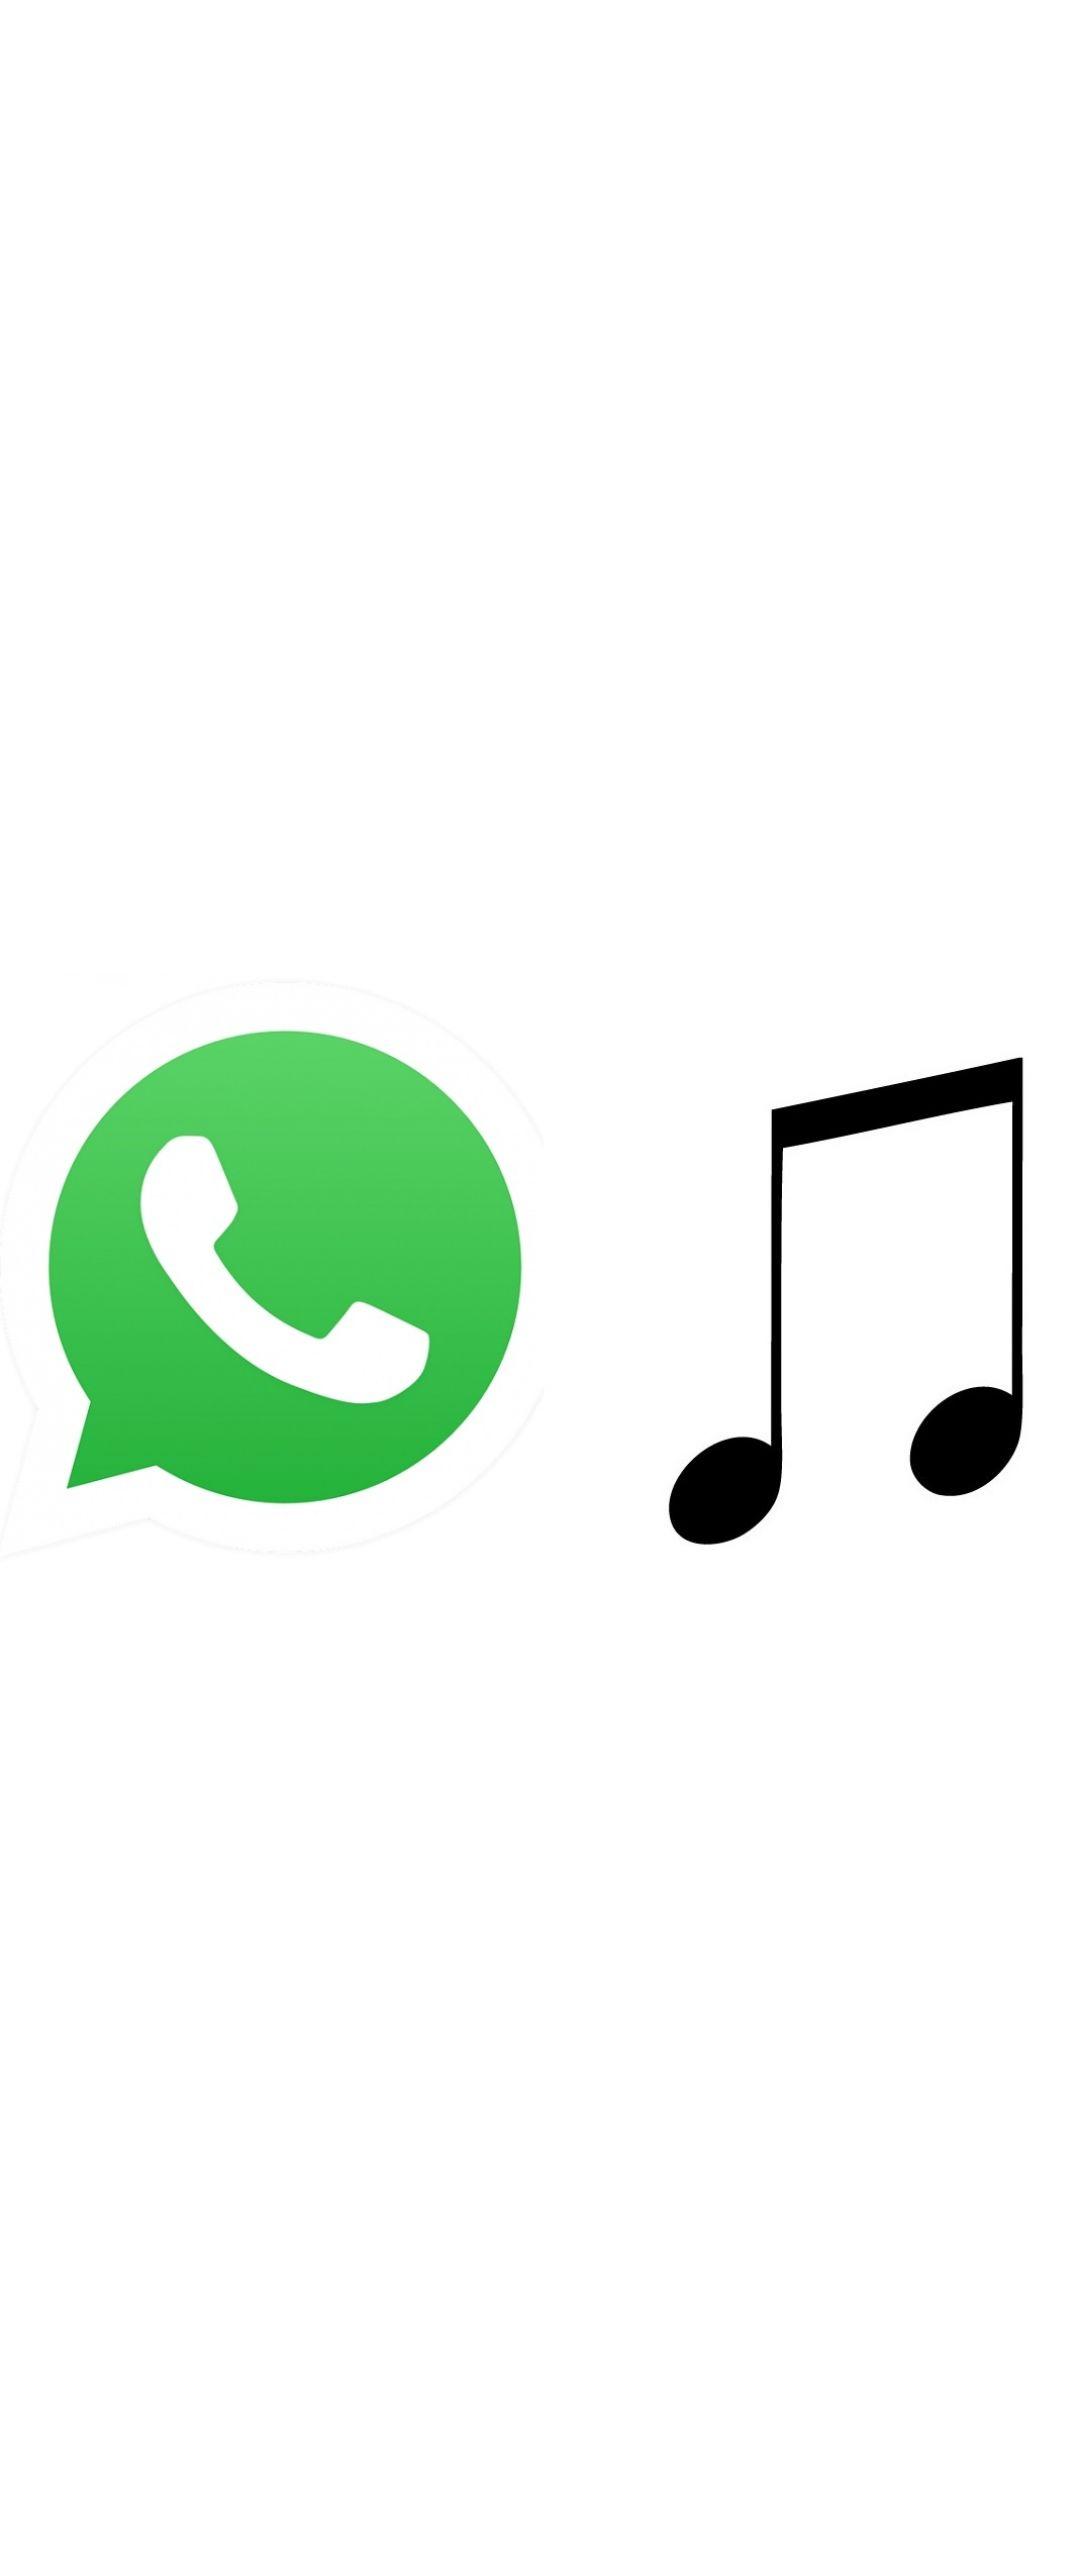 WhatsApp podr�a permitir compartir m�sica, menciones y grupos p�blicos